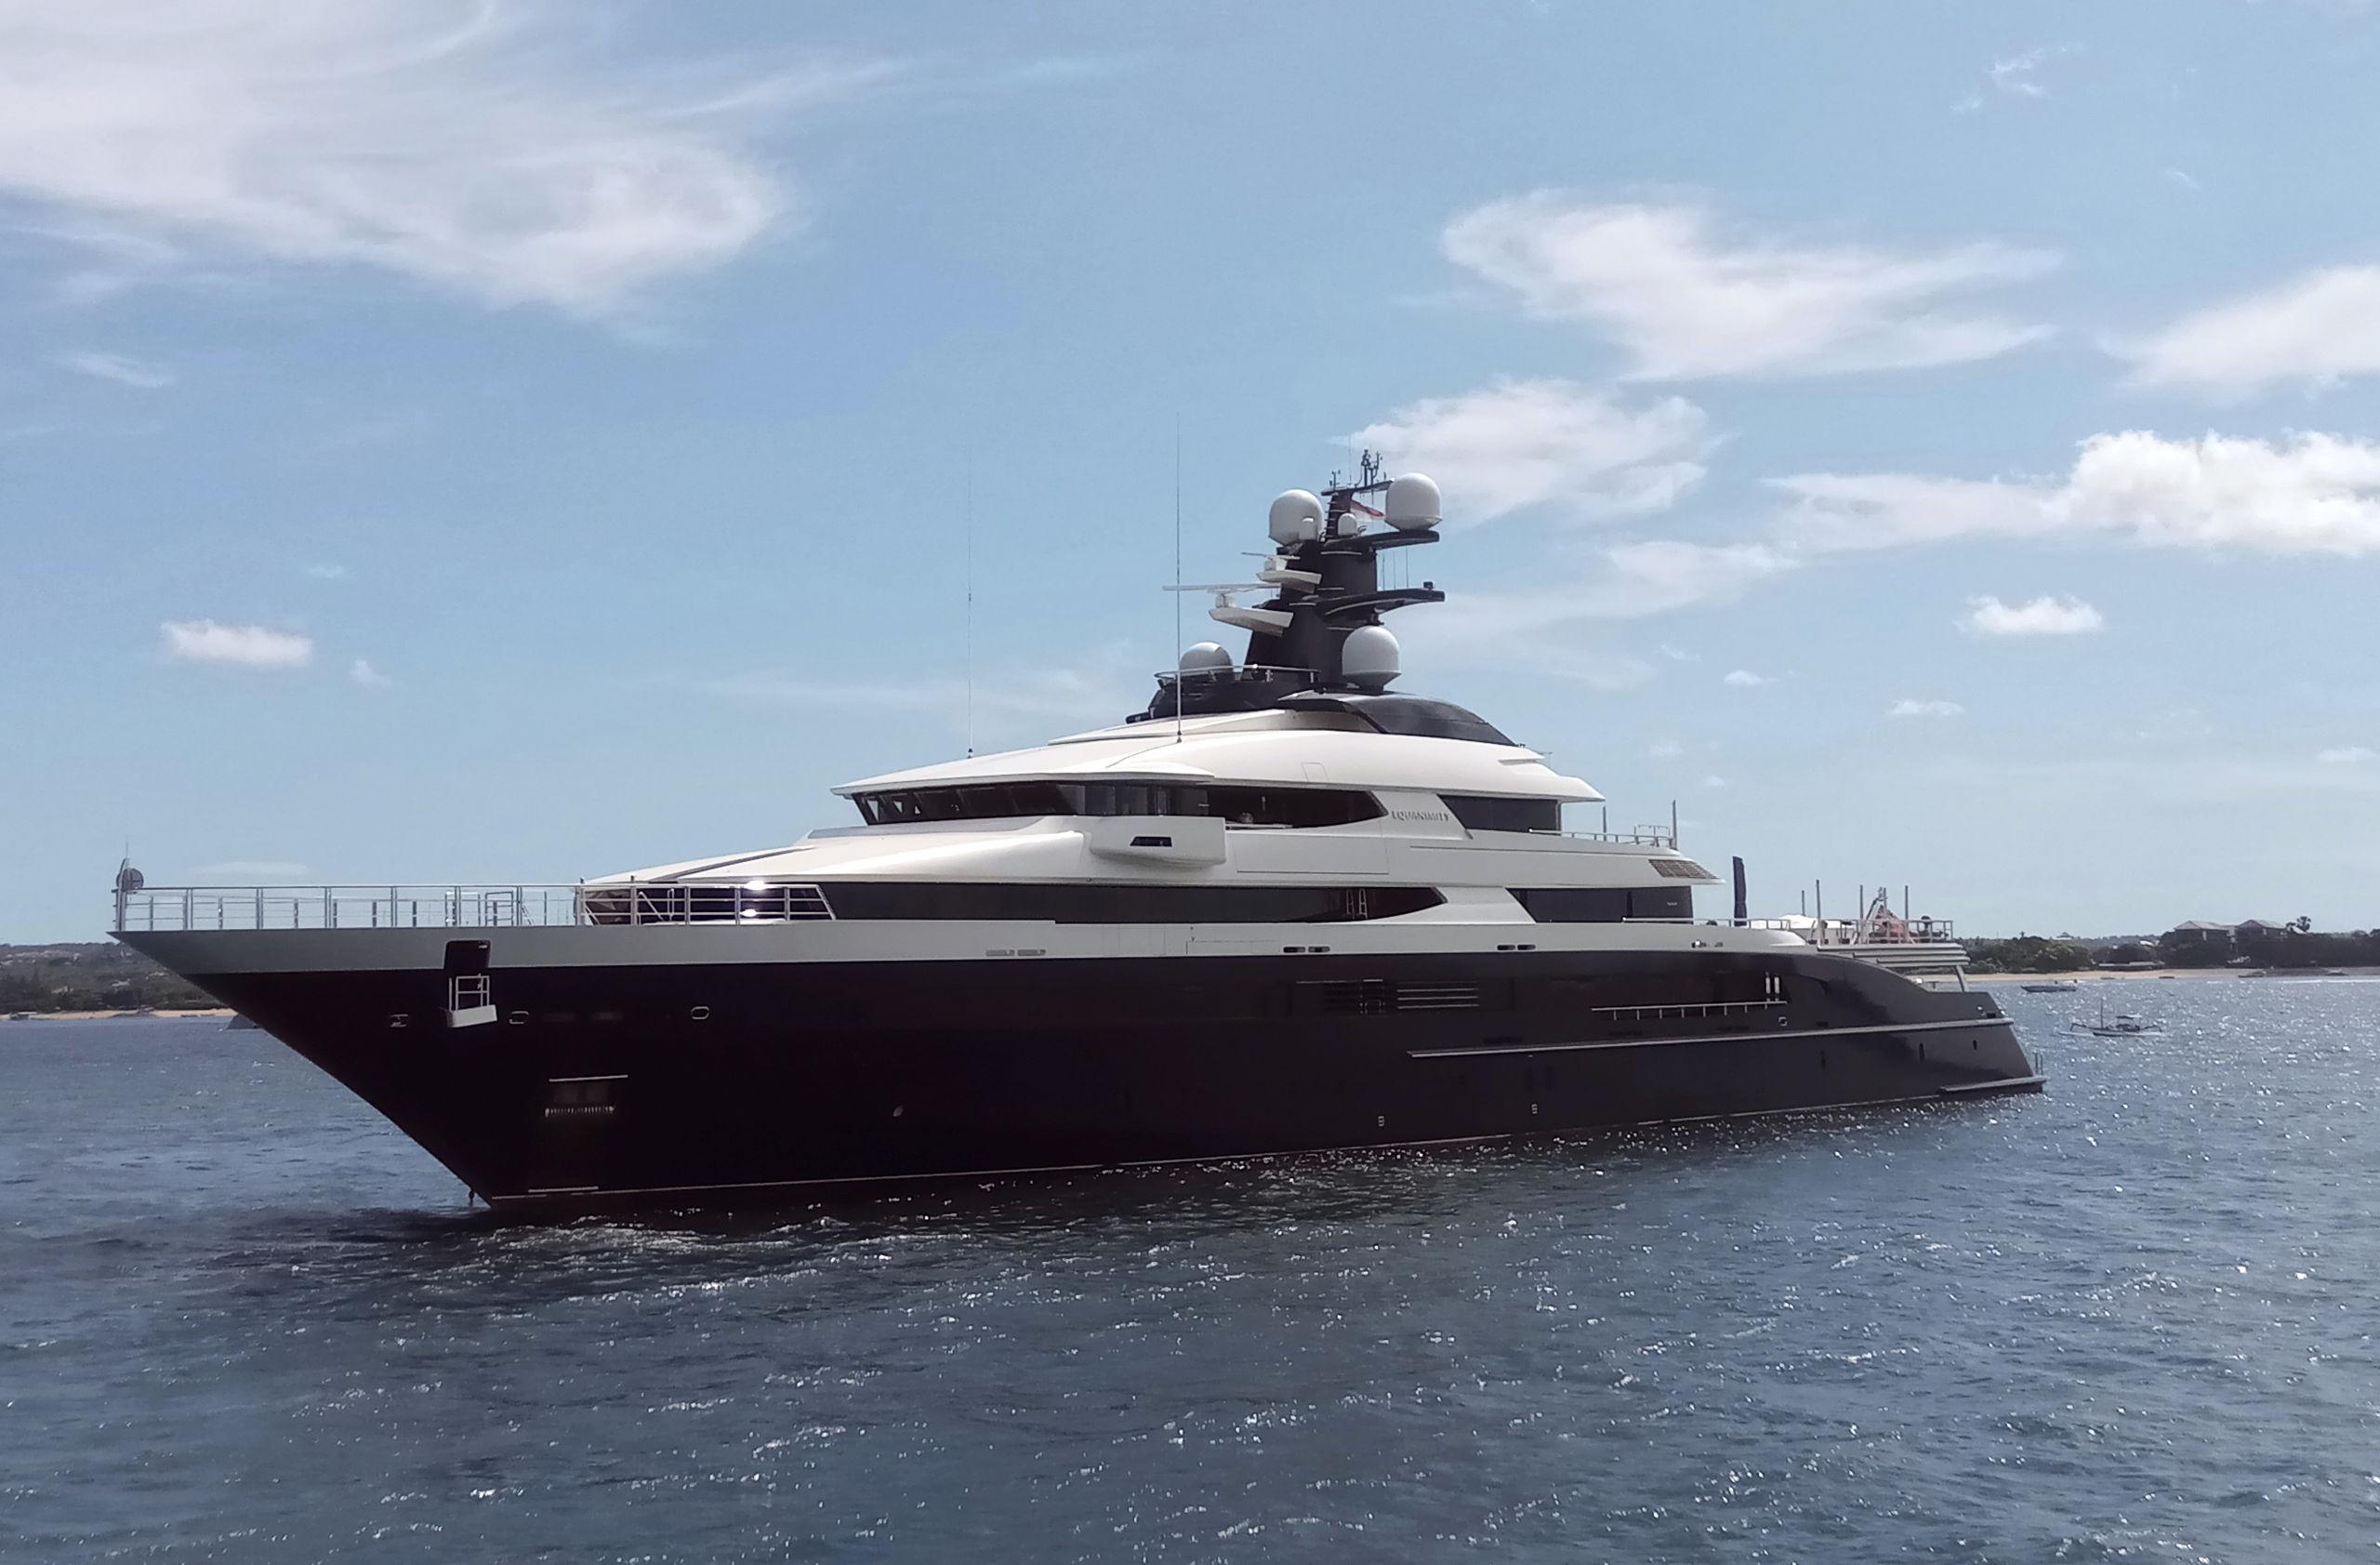 Het superjacht Equanimity, gebouwd door Oceanco in Alblasserdam, werd deze week in Bali aan de ketting gelegd.